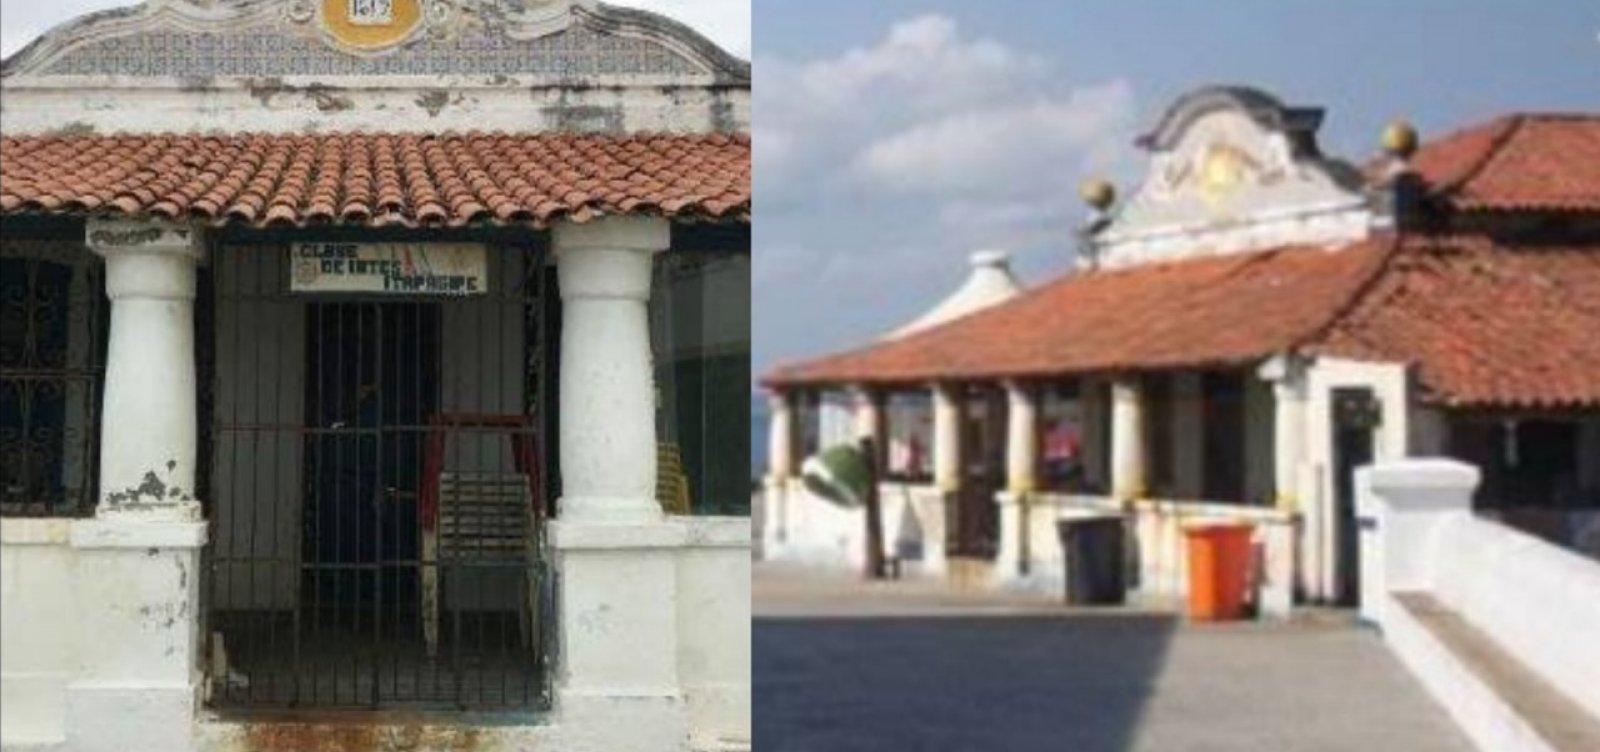 Datada de 1619, casa mais antiga de Salvador virou bar e corre o risco de ruir sem manutenção